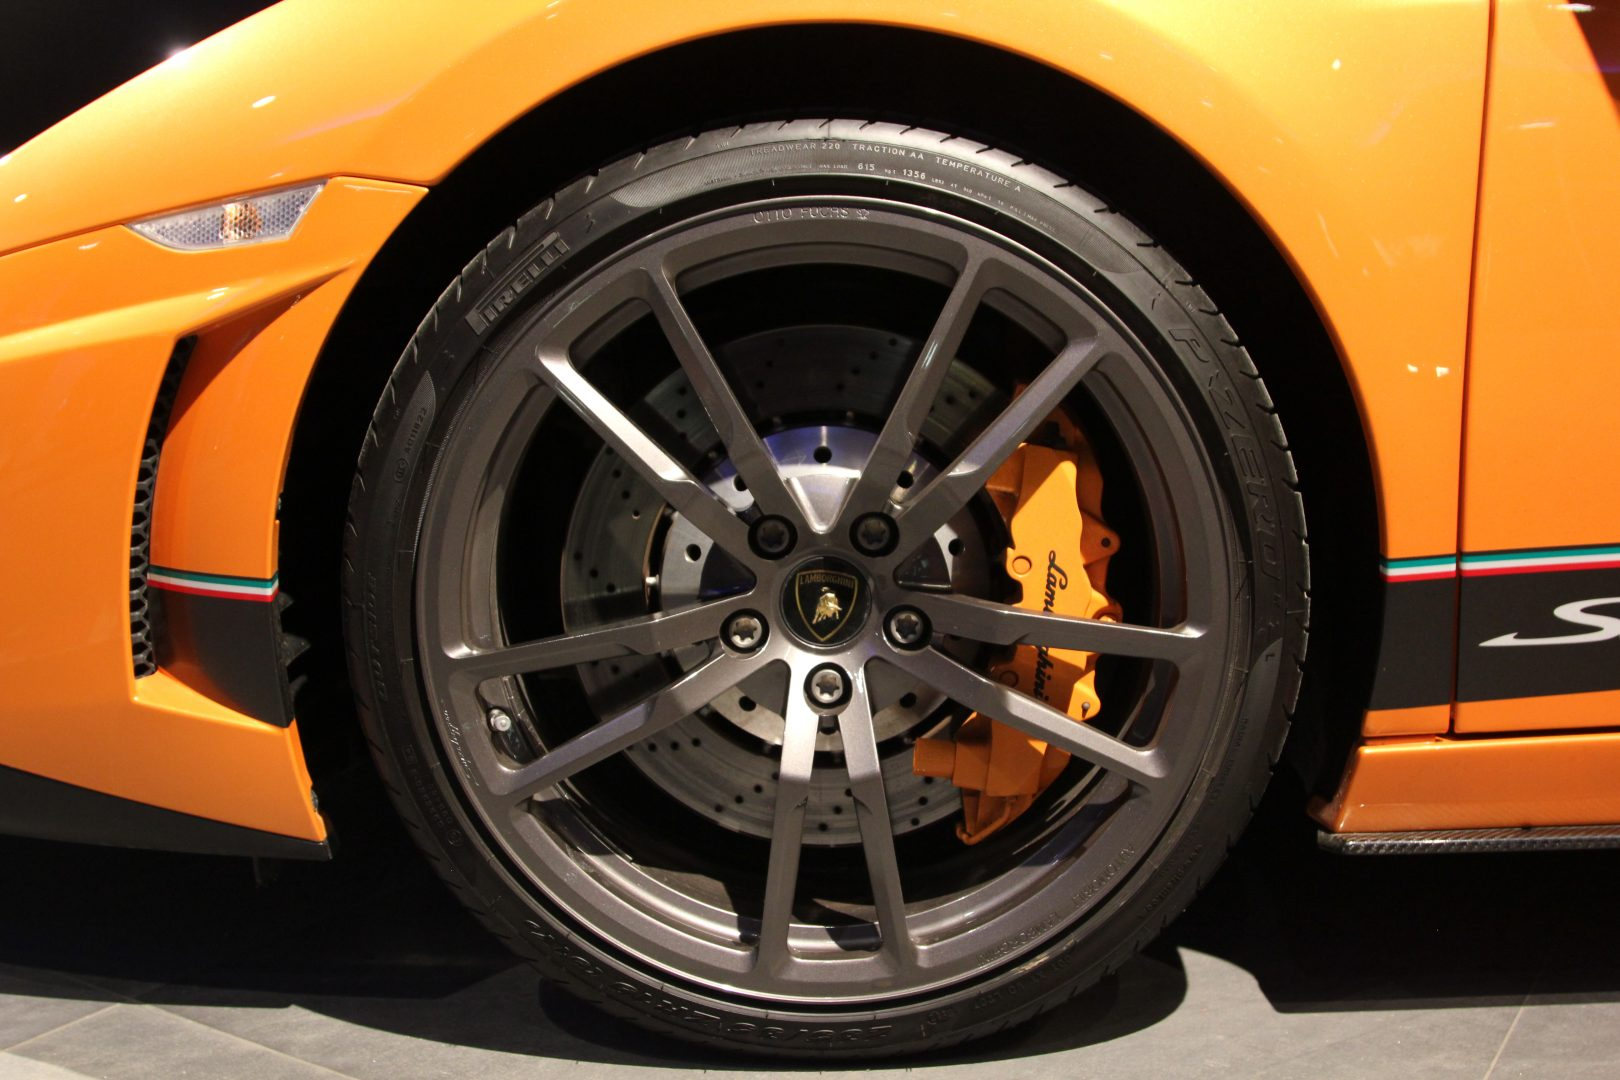 AIL Lamborghini Gallardo LP570-4 Superleggera  15